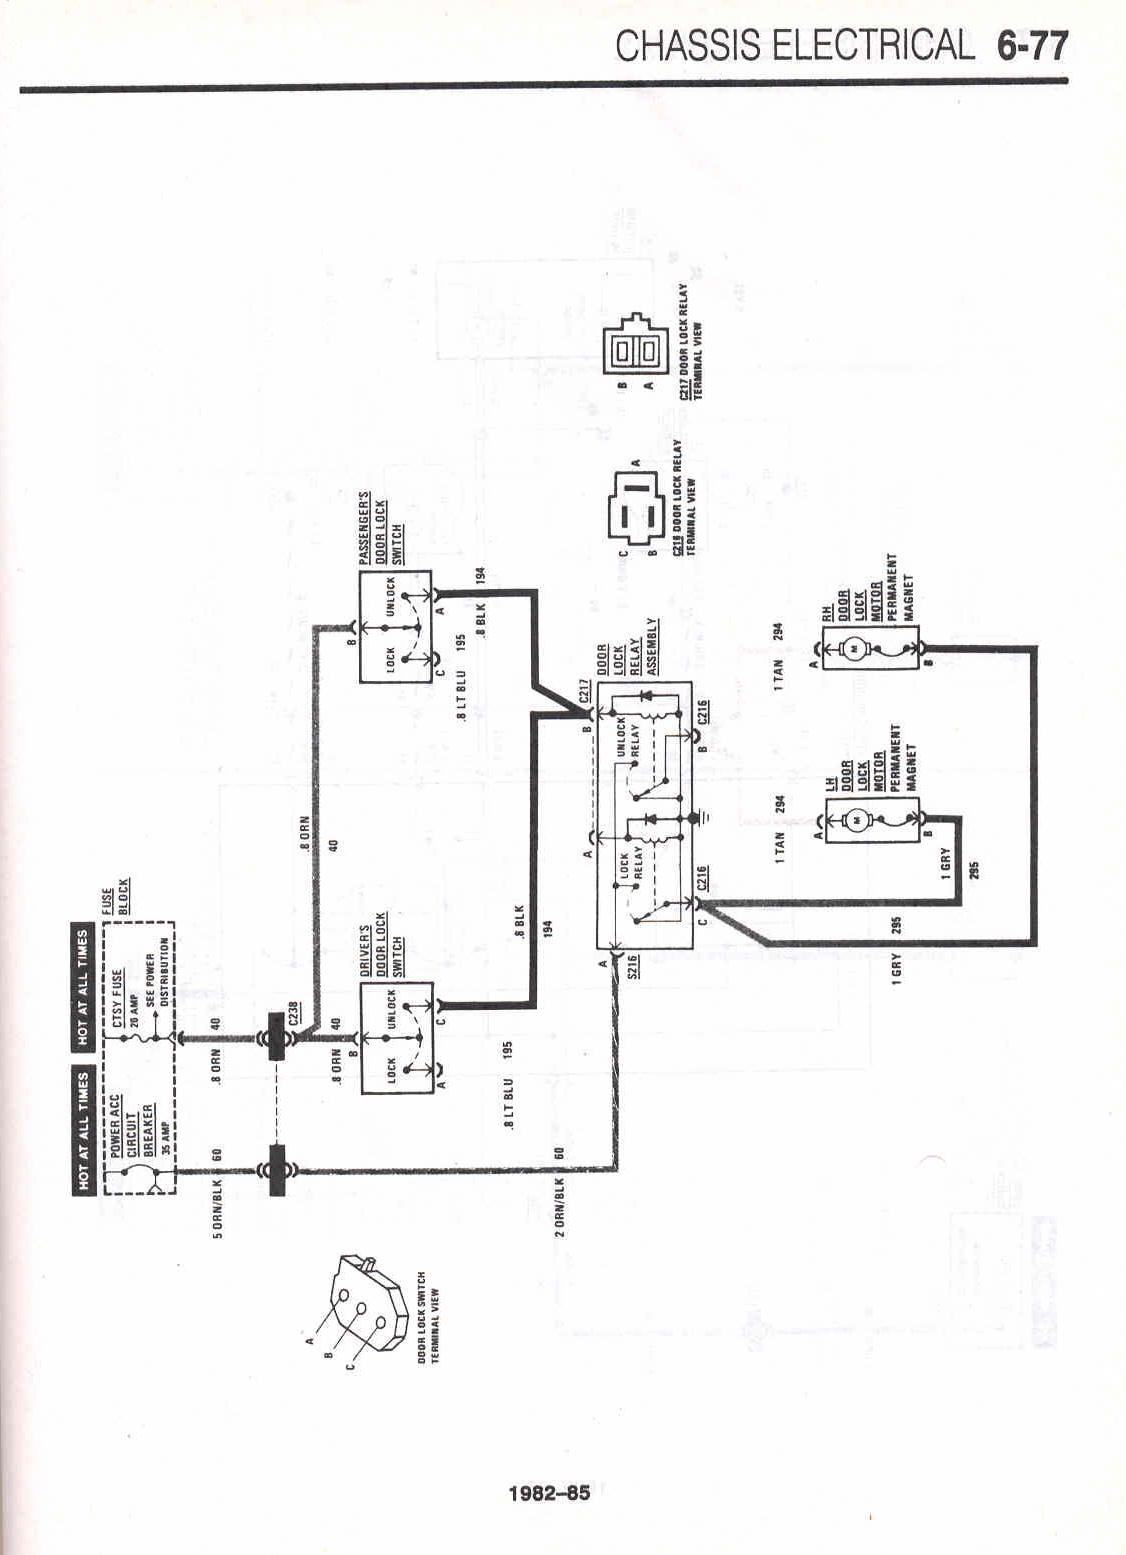 Car Info 1968 Camaro Interior Light Wiring Diagram Power Door Locks